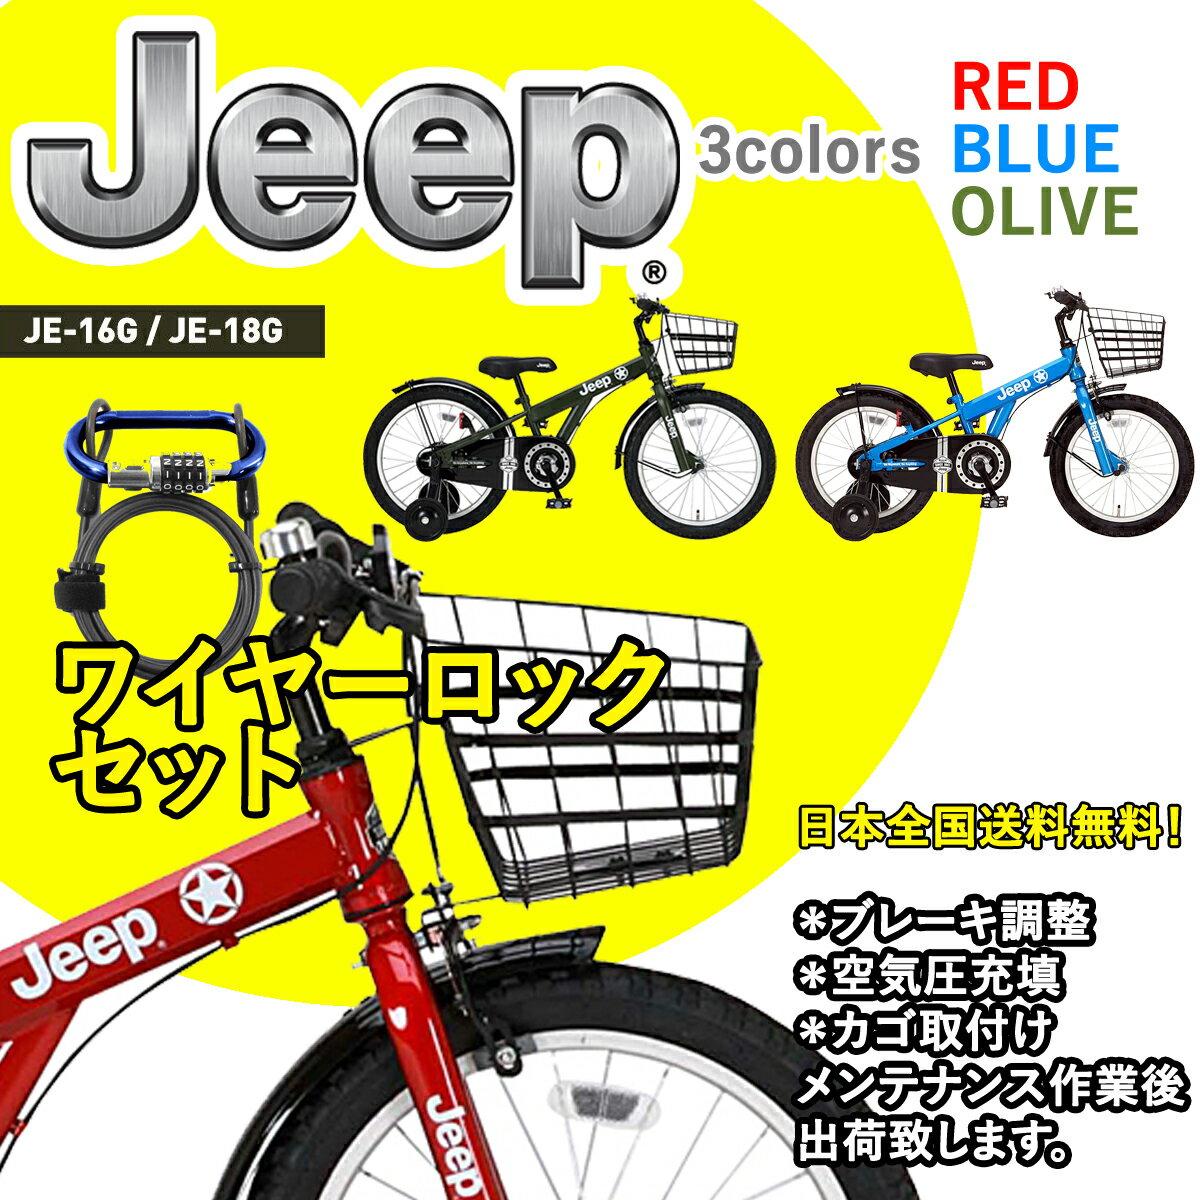 jeep 自転車 Jeep ジープ マウンテンバイク 子供用自転車 16インチ 18インチ 2017年モデル カラビナワイヤー錠セット